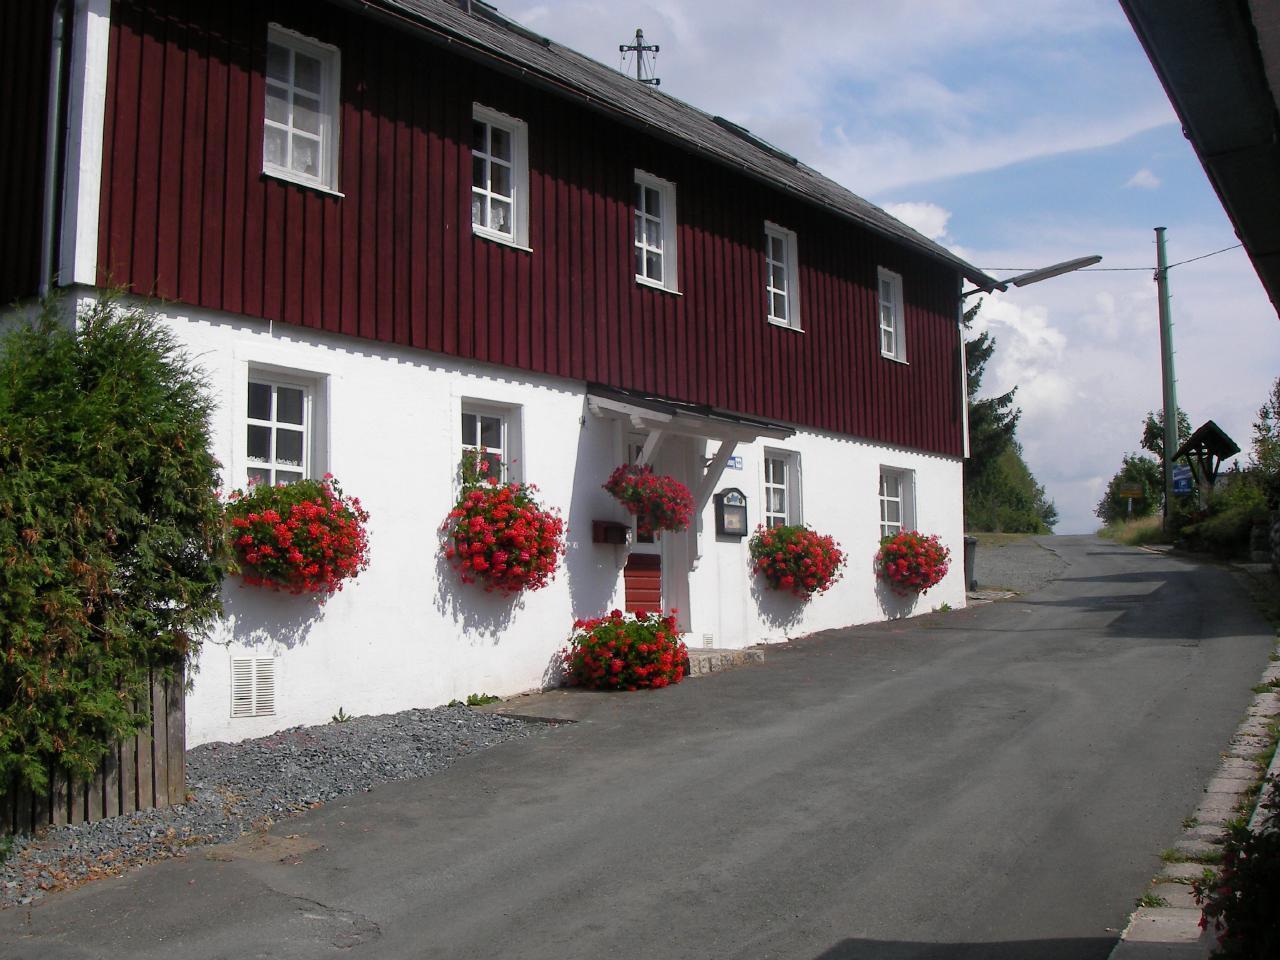 Ferienwohnung Haus Hilde Wohnung 2 (993407), Presseck, Frankenwald, Bayern, Deutschland, Bild 3